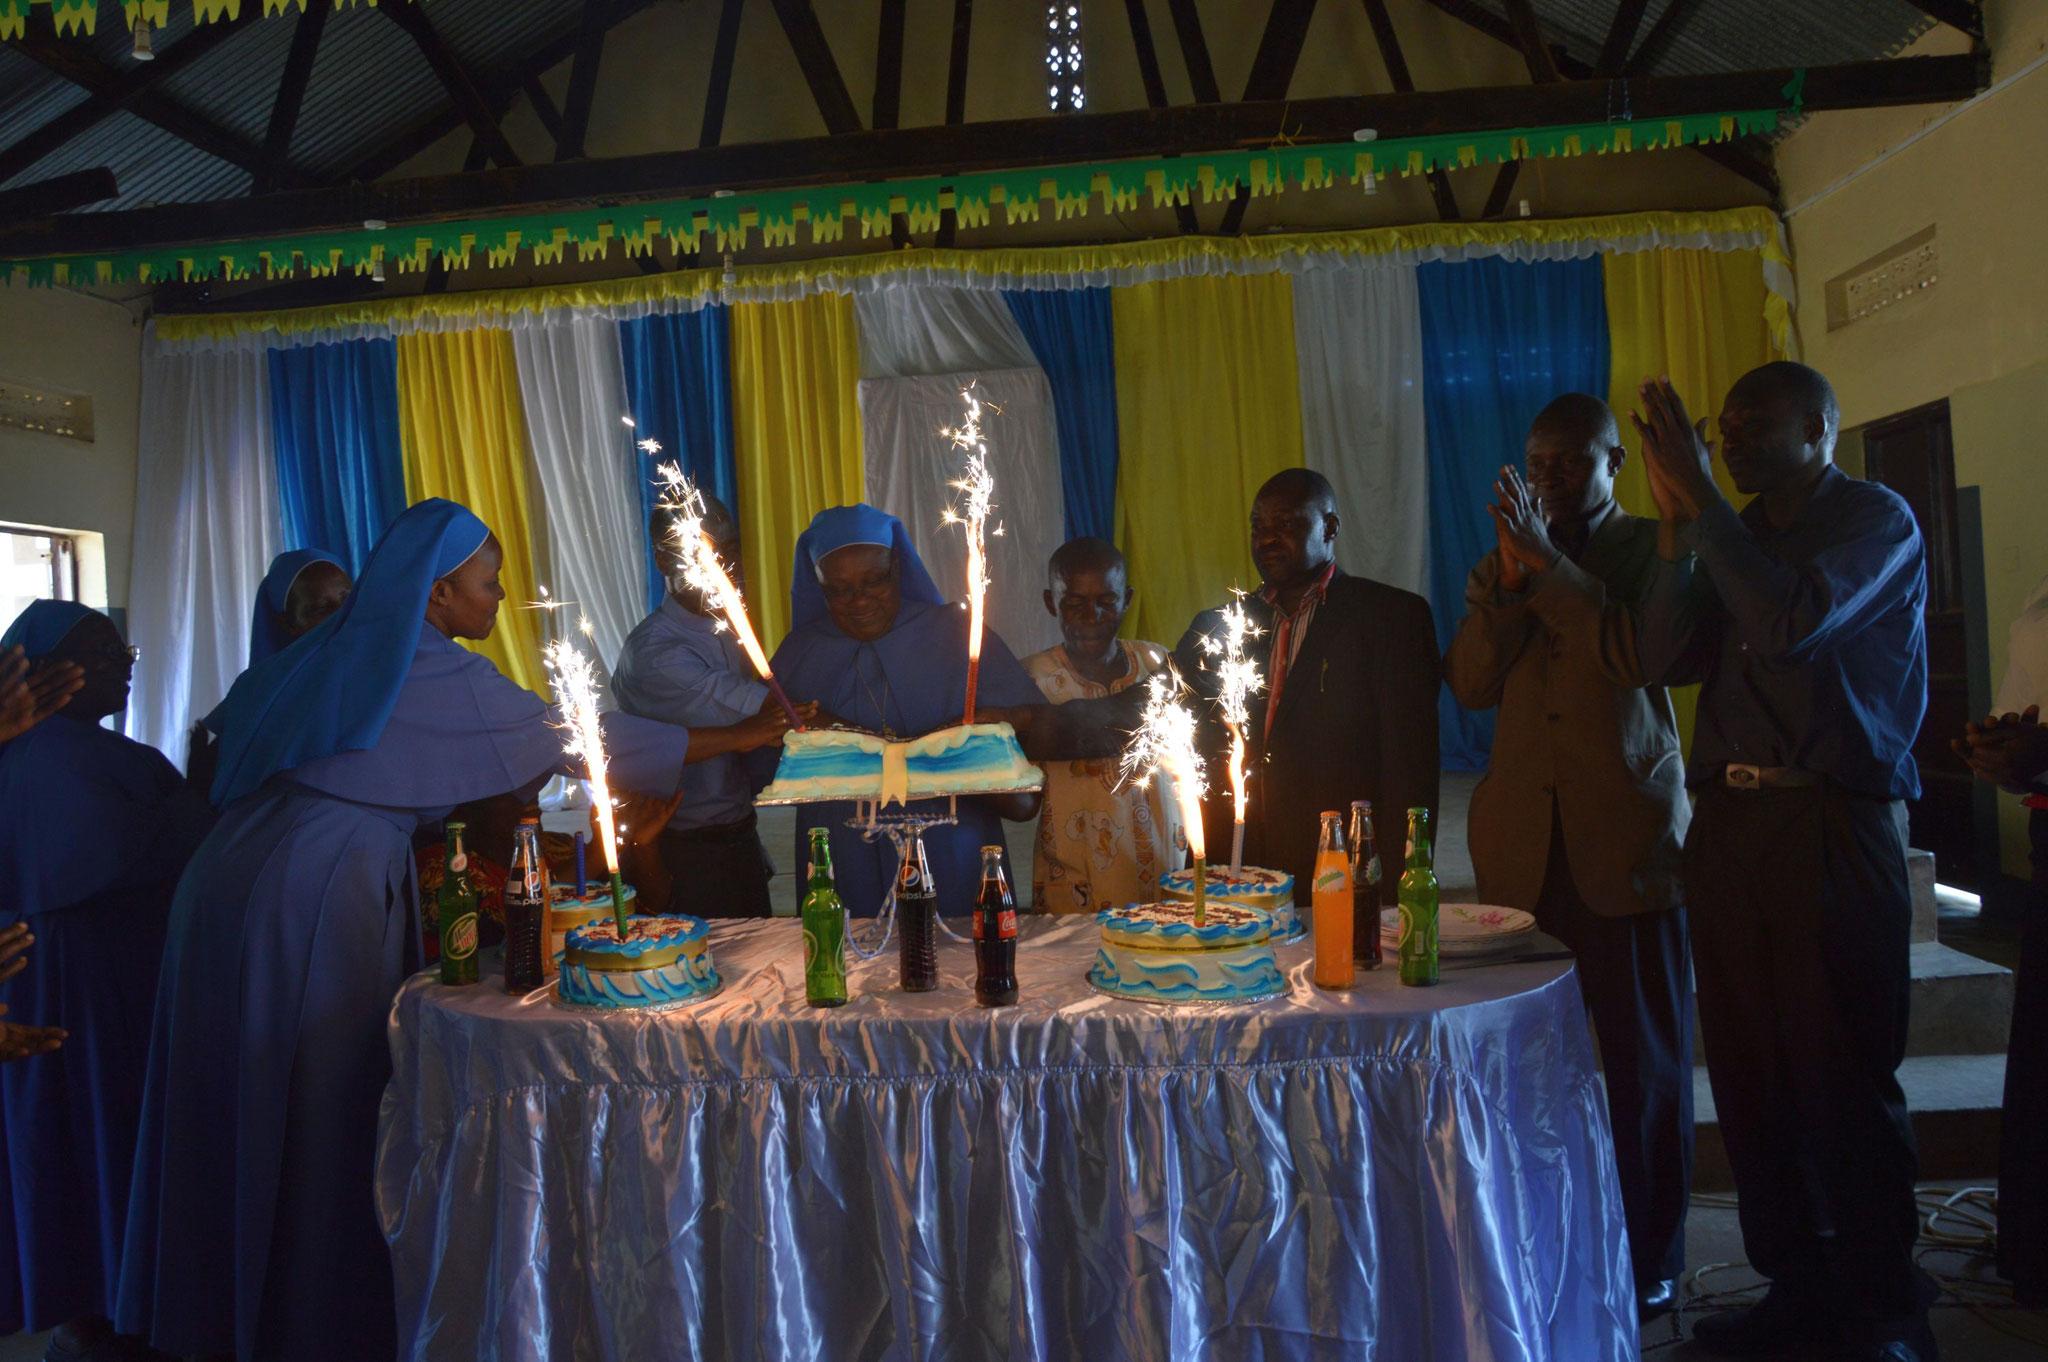 Wunderkerzen angezündet, danach gab es für jeden und zwar wirklich jeden ein kleines Stück Kuchen.